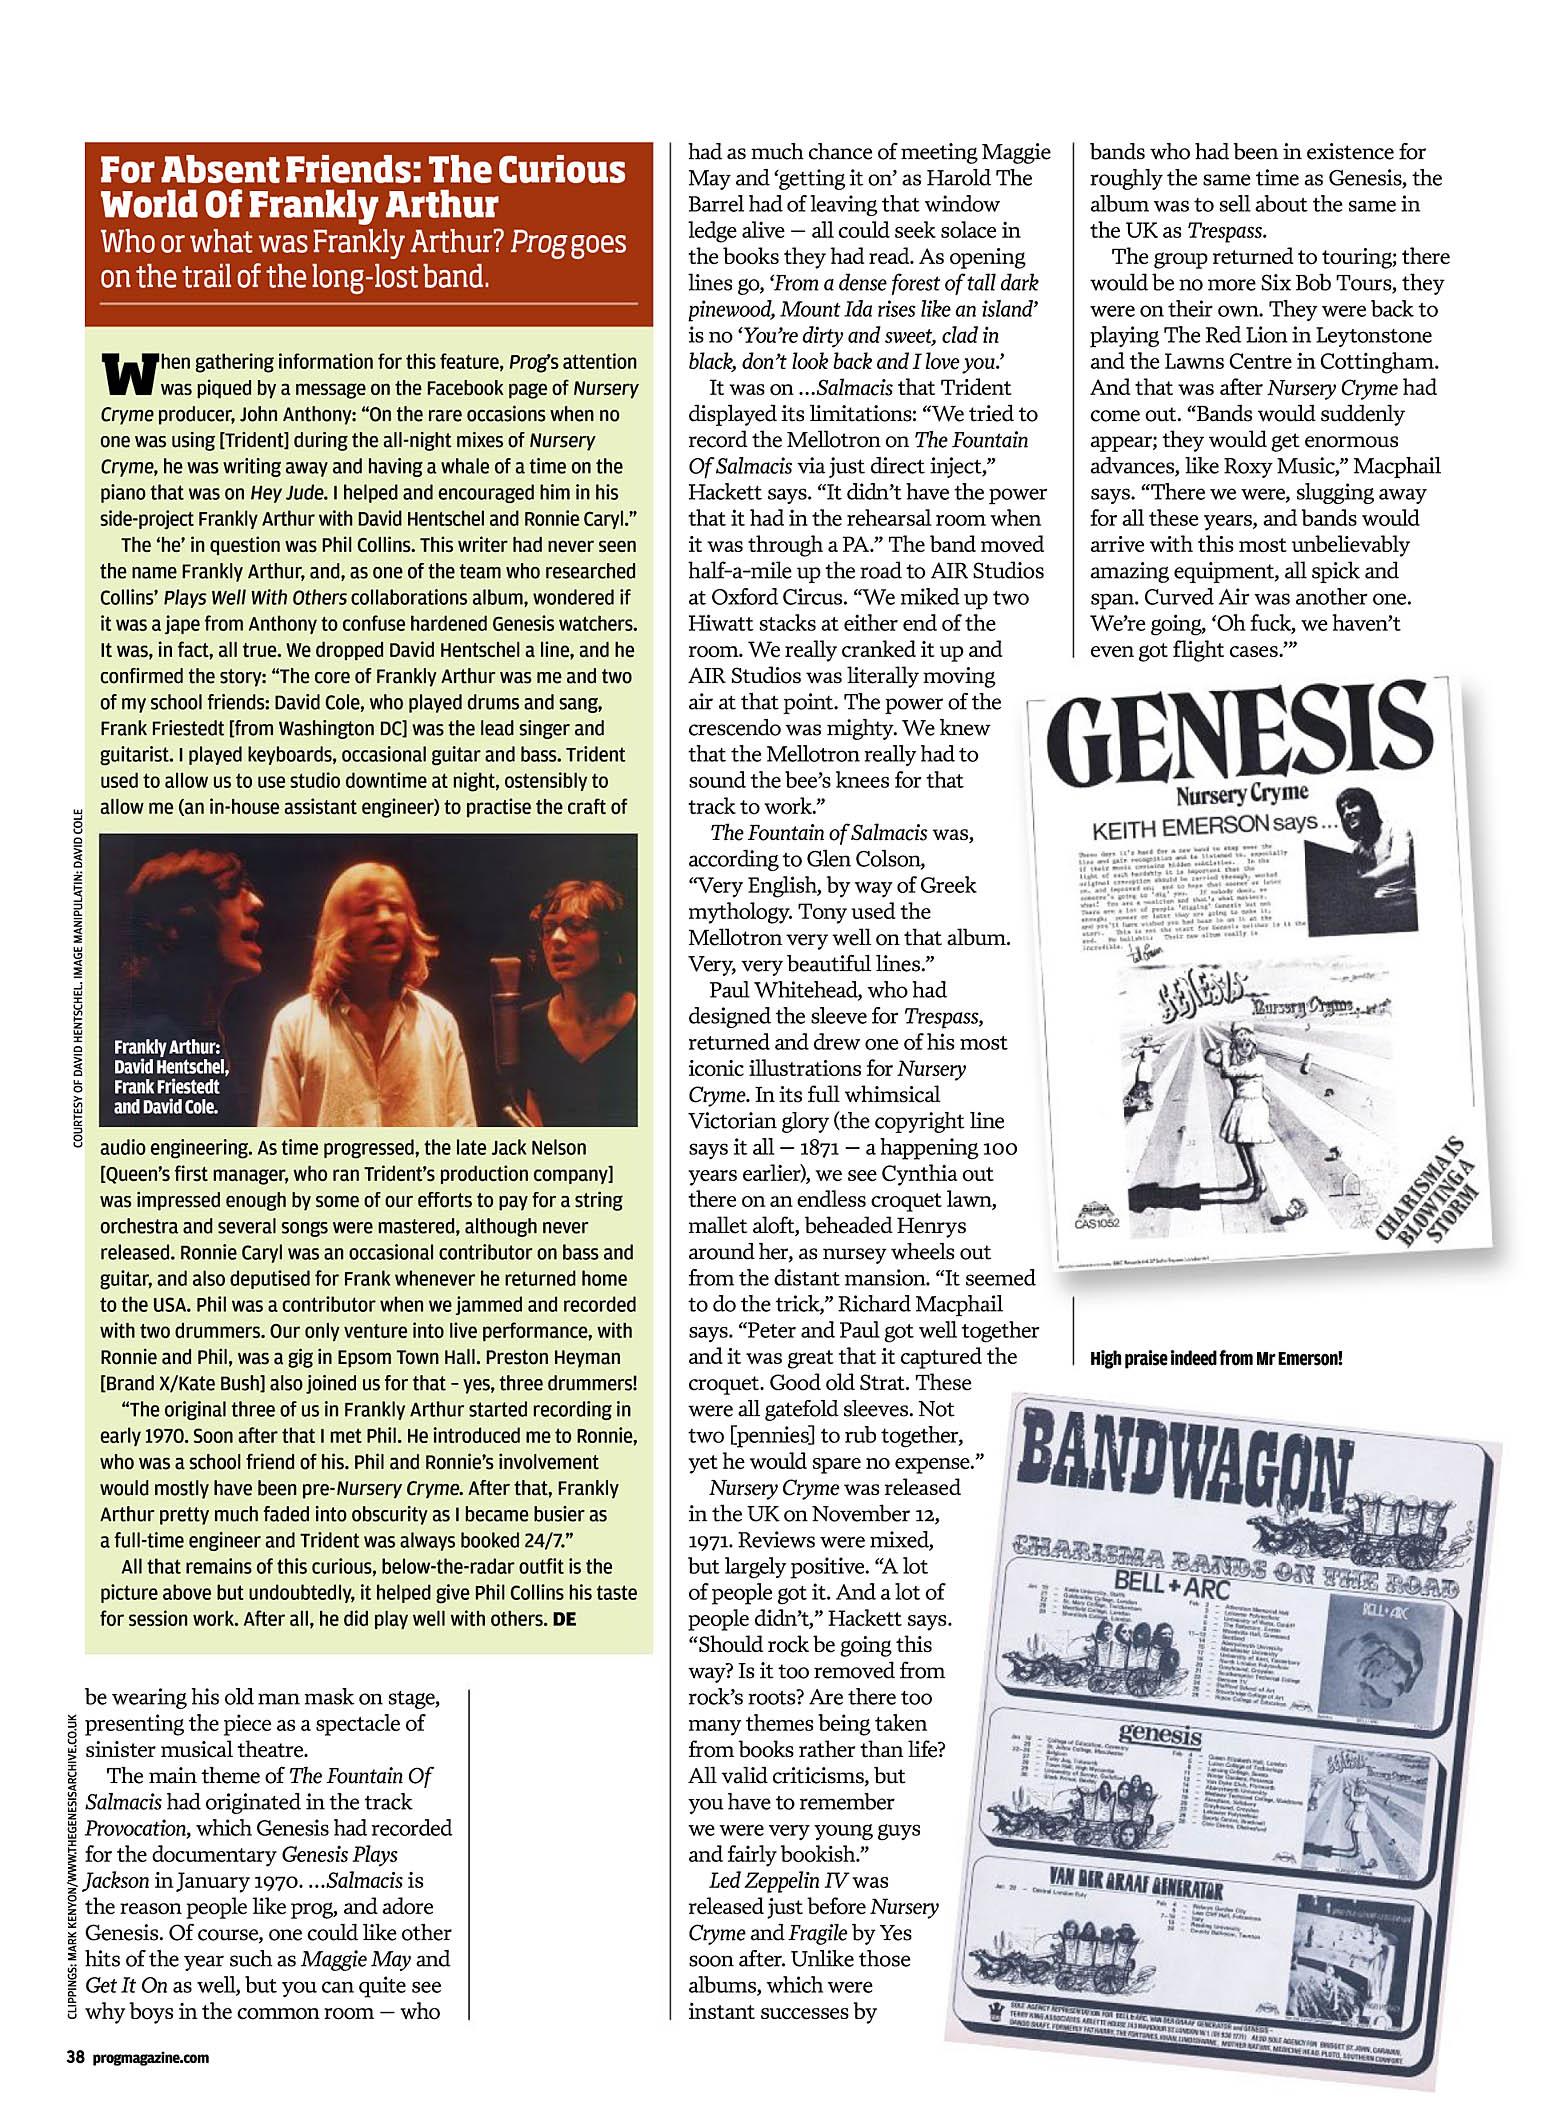 Prog UK 122 2021-08 Genesis 09.jpg